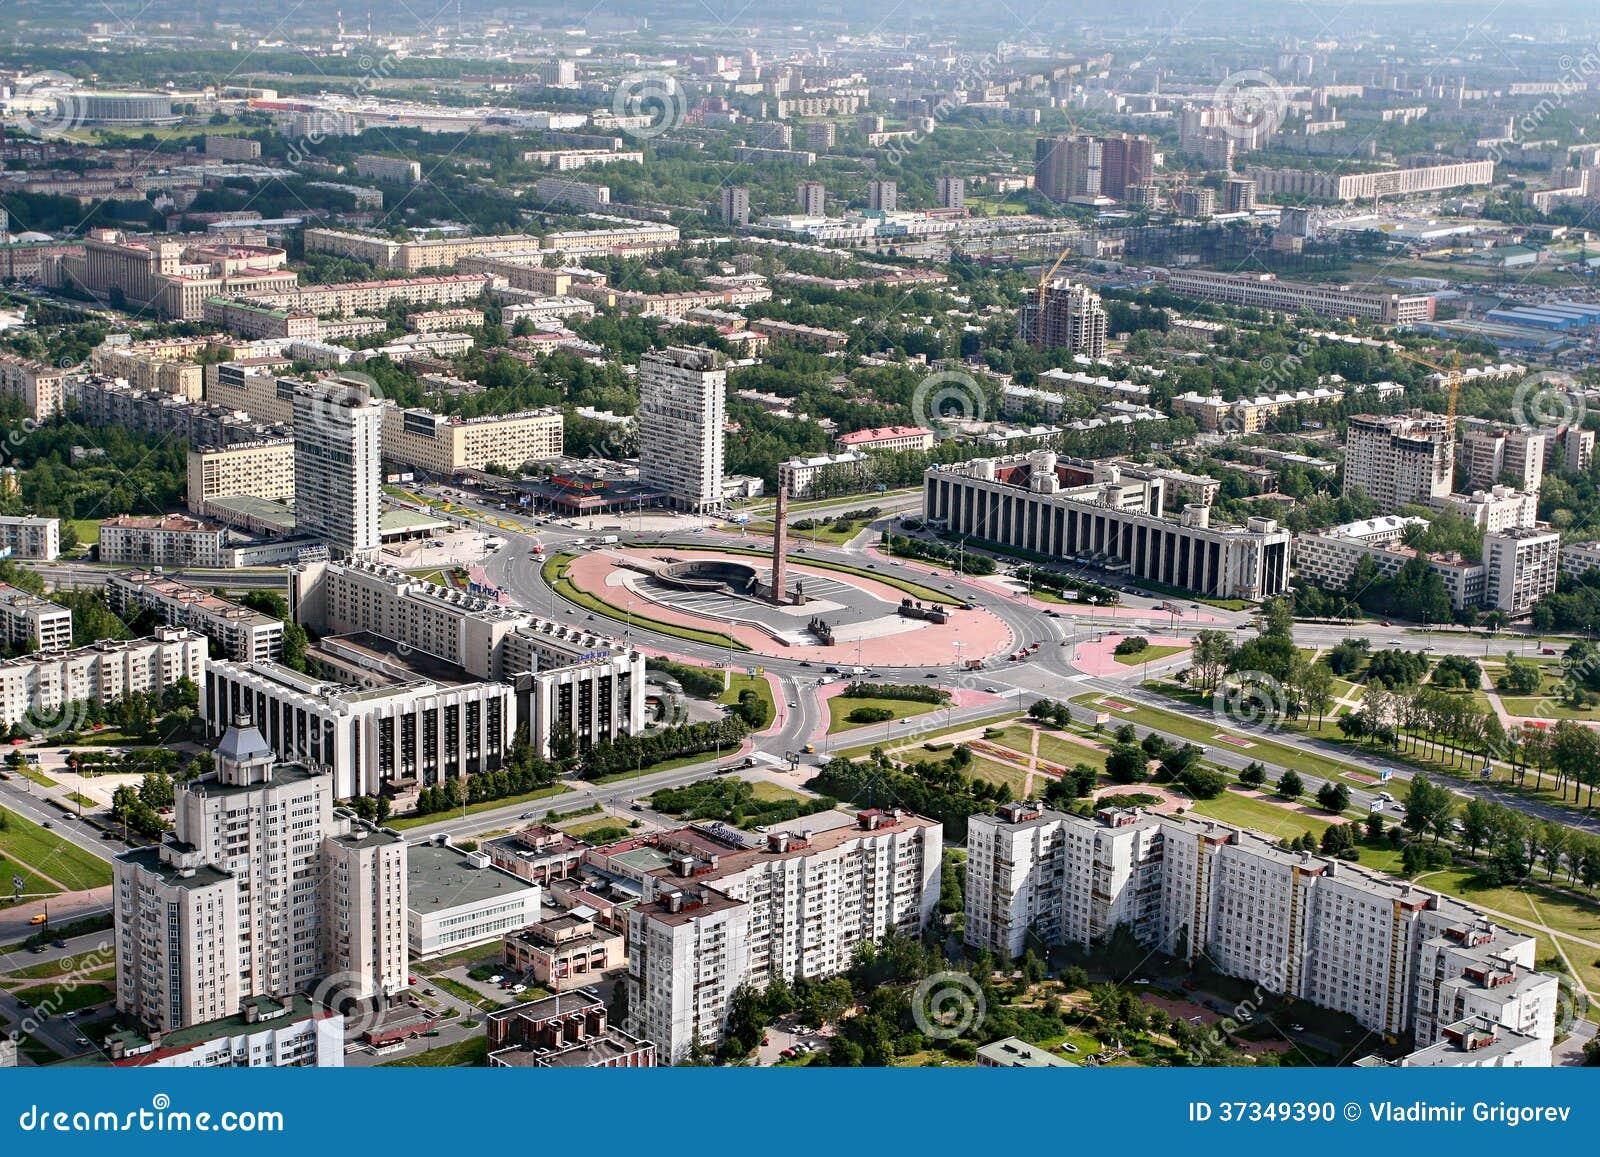 Flyg- sikt av Moskvaområdet av St Petersburg, Ryssland.